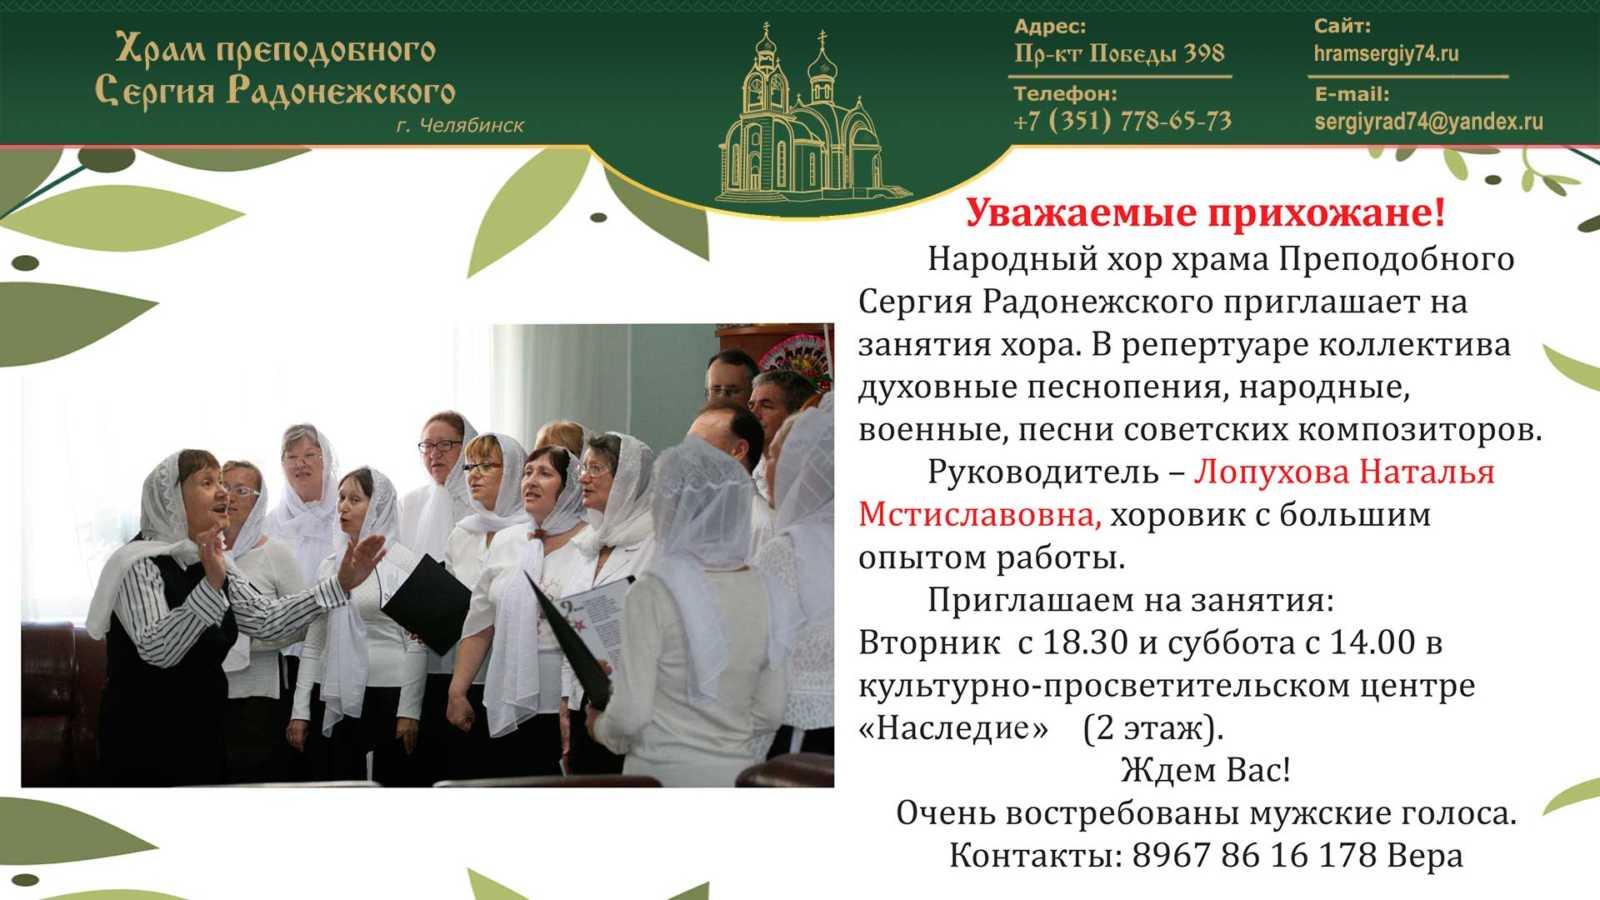 Народный хор храма прп. Сергия Радонежского г.Челябинска приглашает на занятия хора